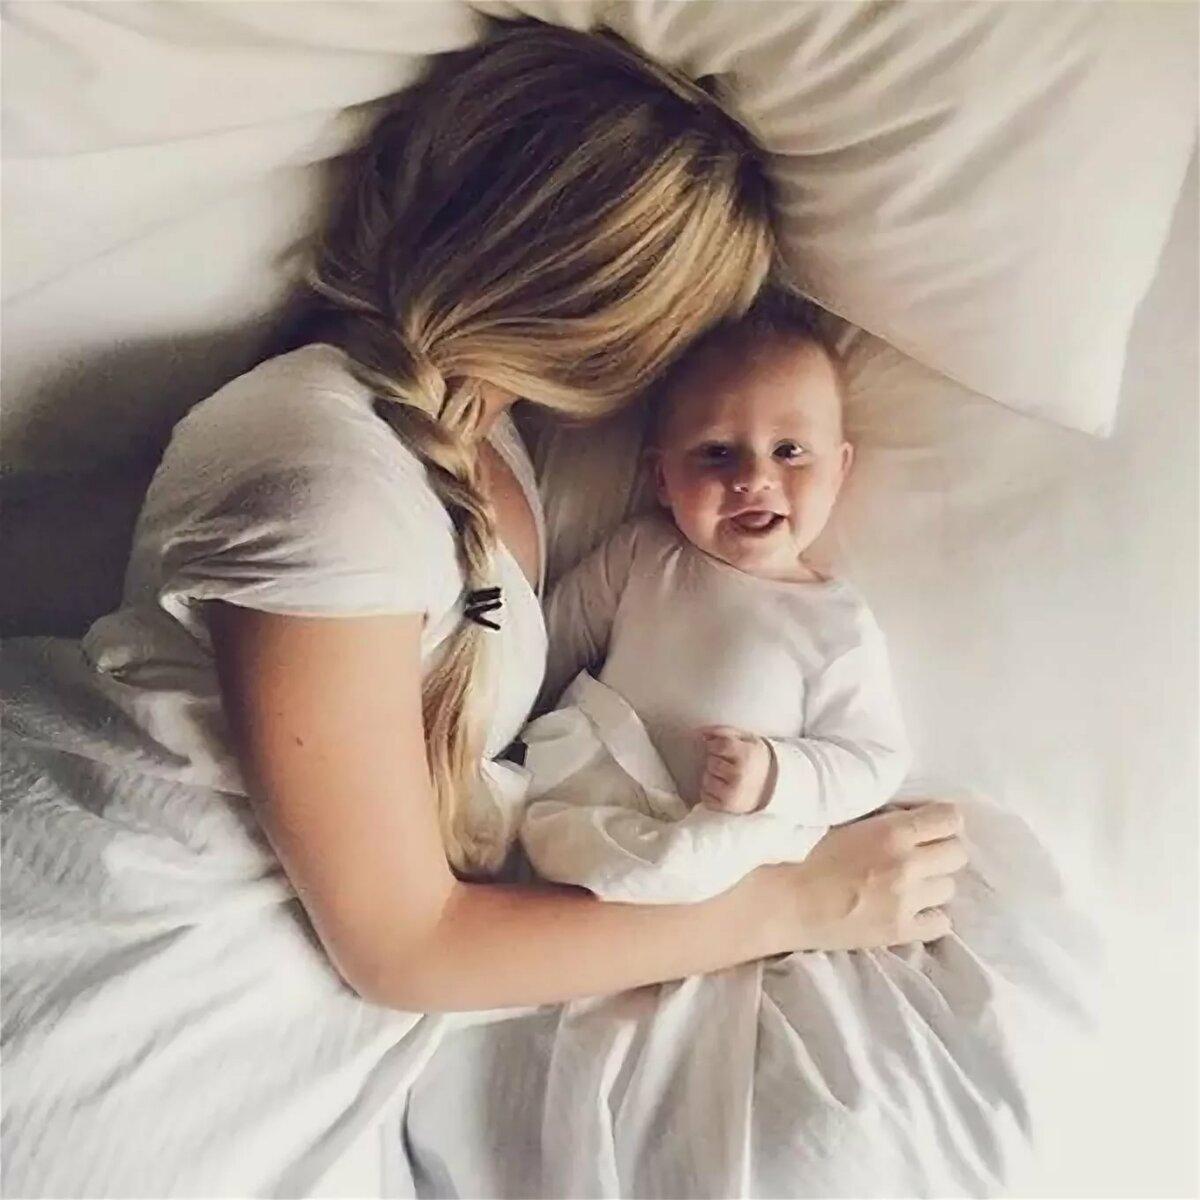 Для поздравления, картинки мам с детьми на руках без лица